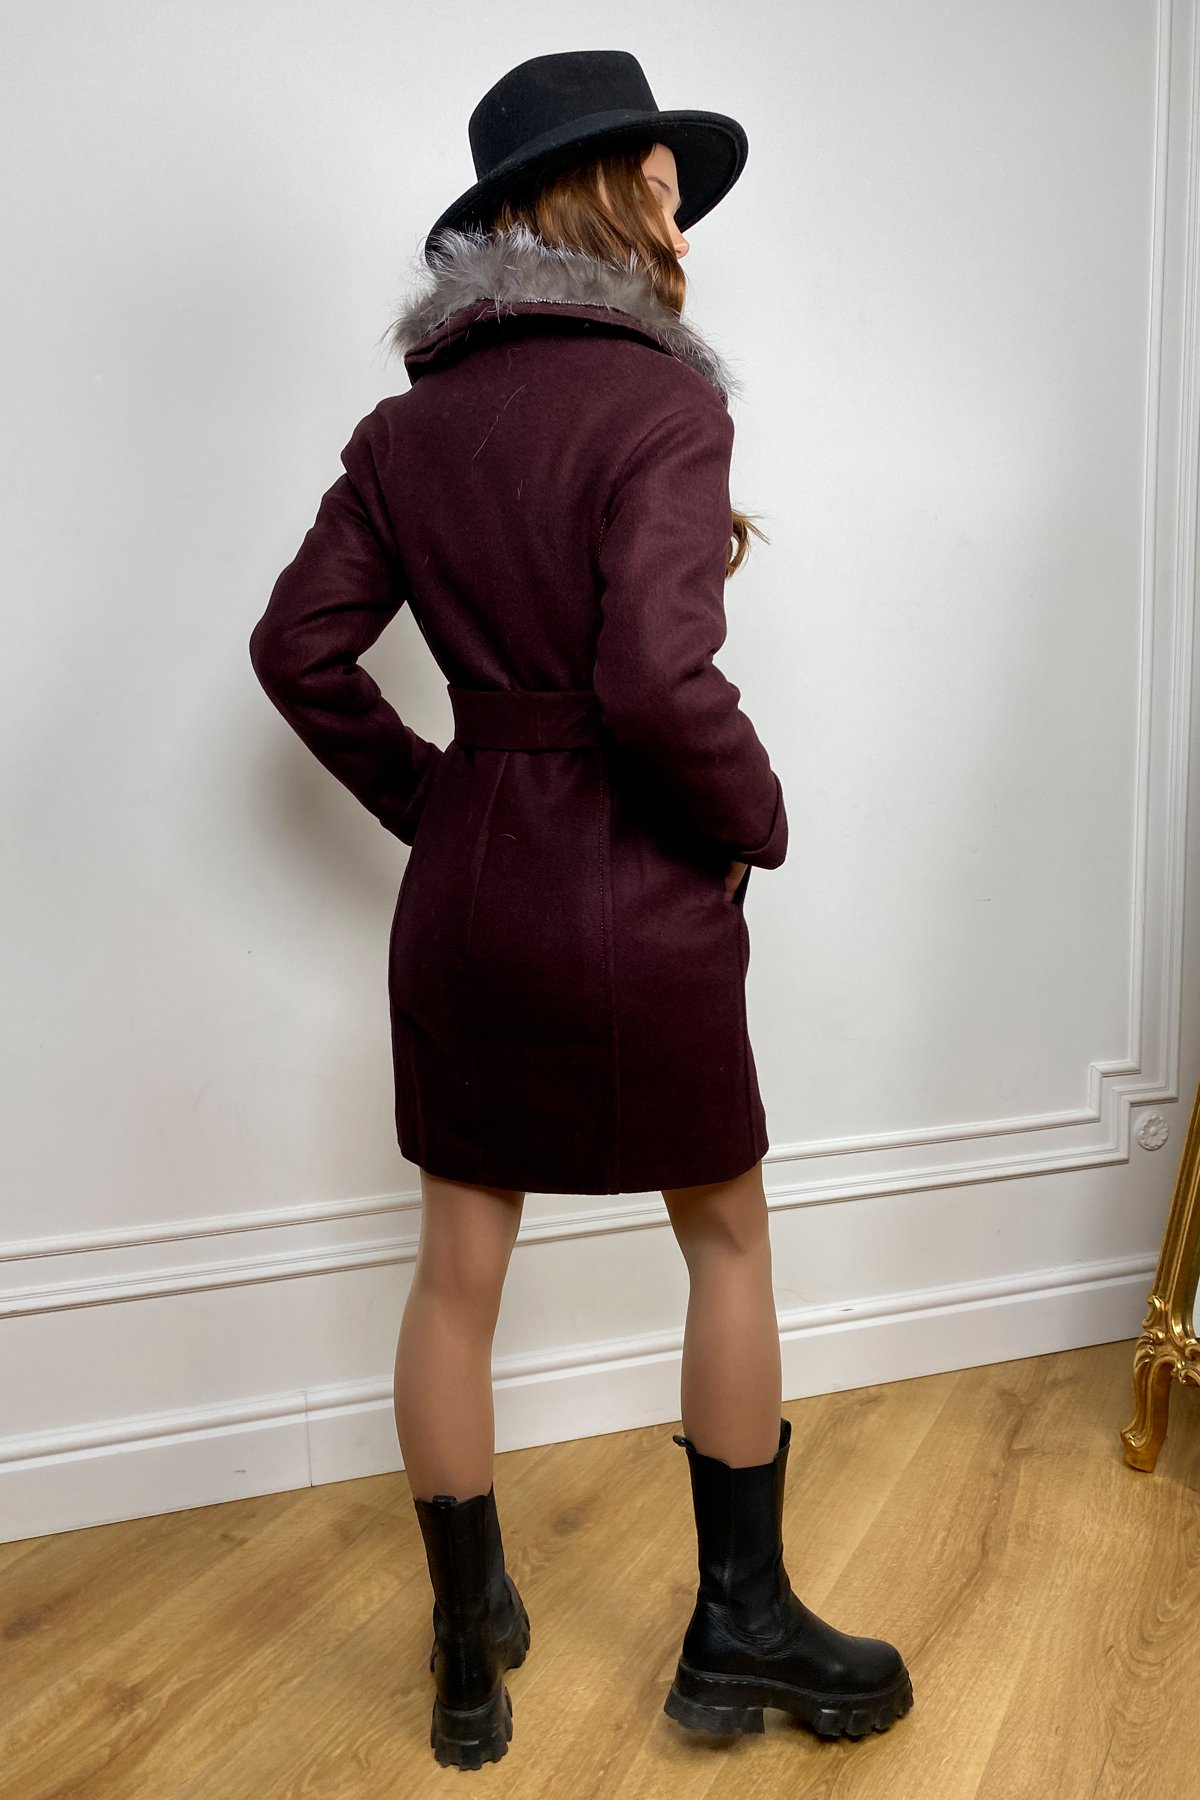 Пальто зима Приора 5668 АРТ. 37884 Цвет: Марсала 75 - фото 6, интернет магазин tm-modus.ru